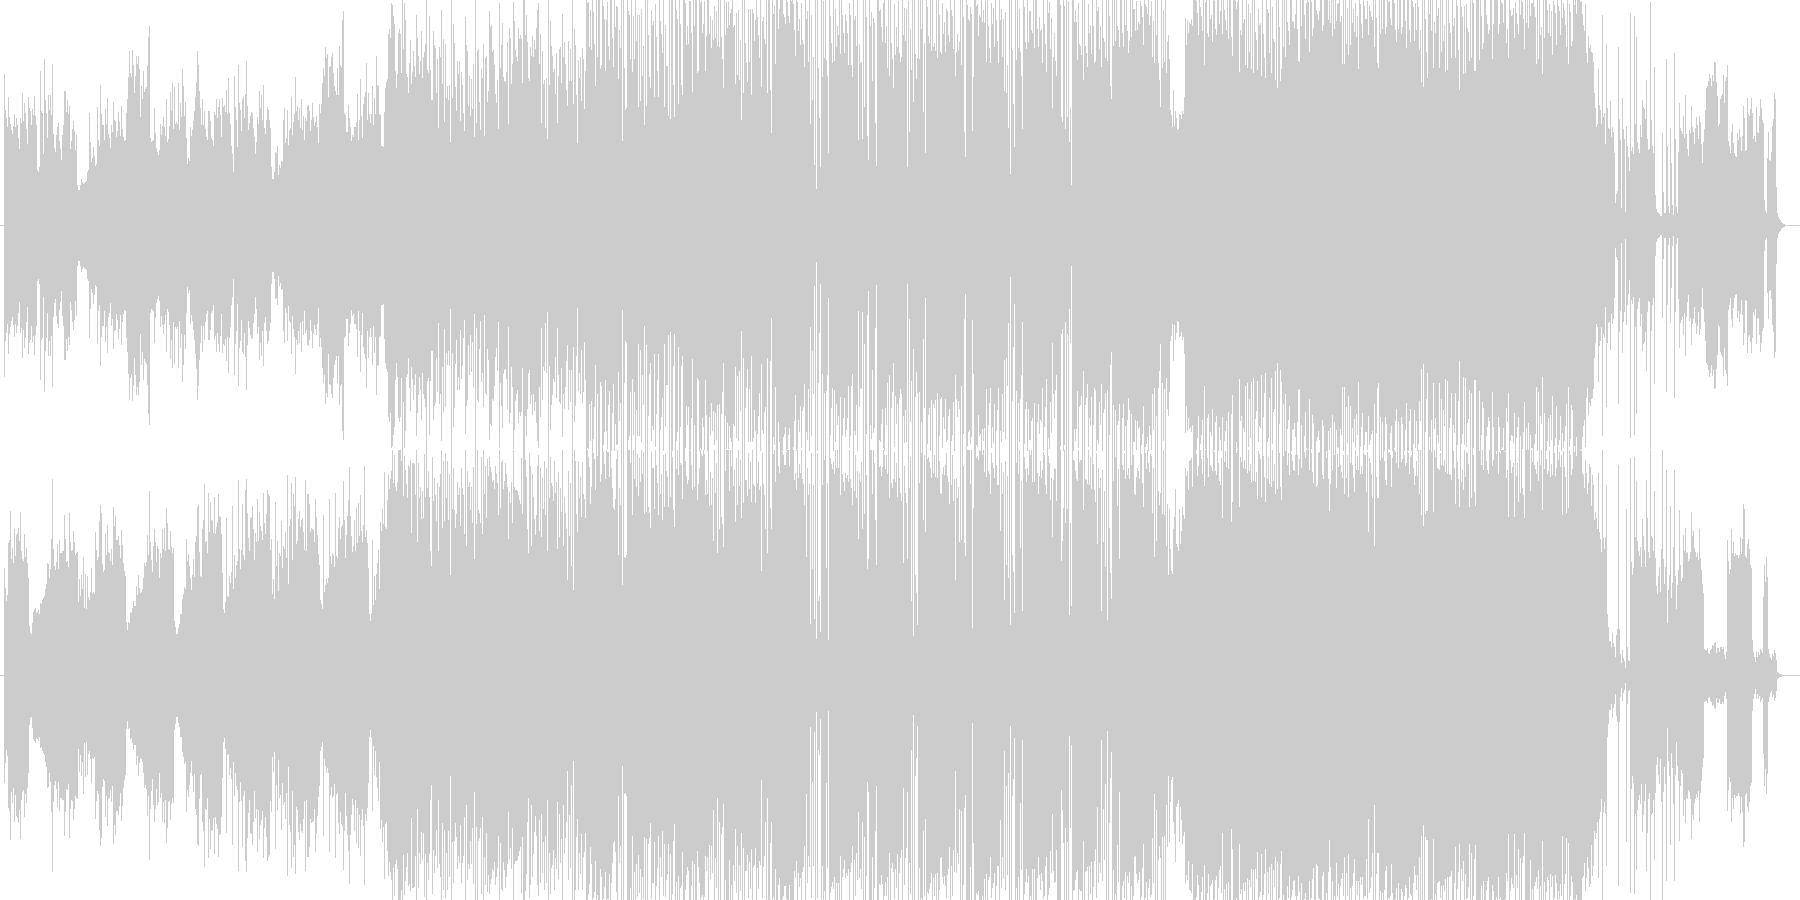 キラキラしていて暖かいフォークトロニカの未再生の波形